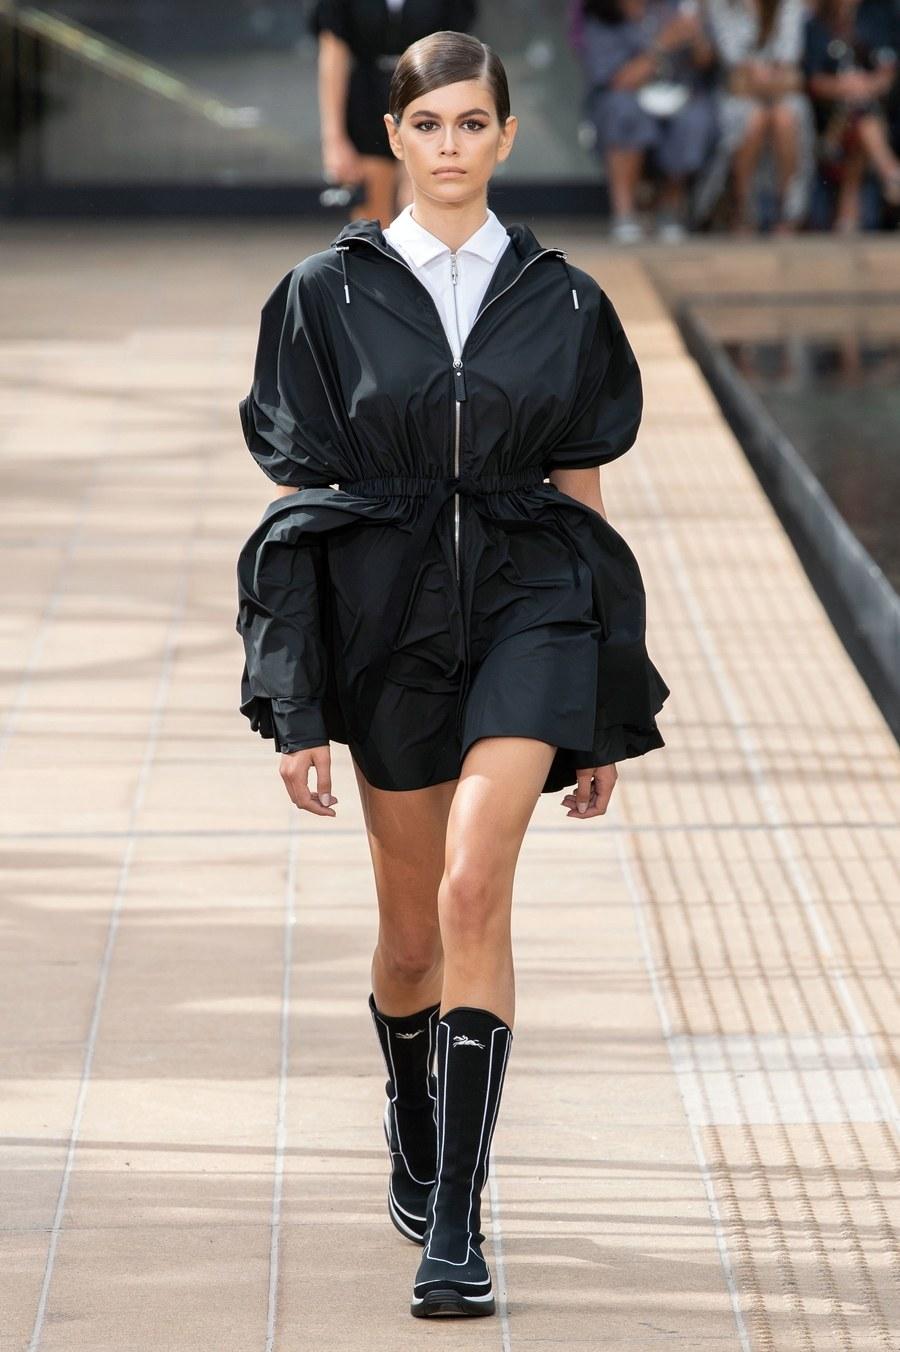 عرض أزياء Longchamp  بأسبوع الموضة بنيويورك (2)